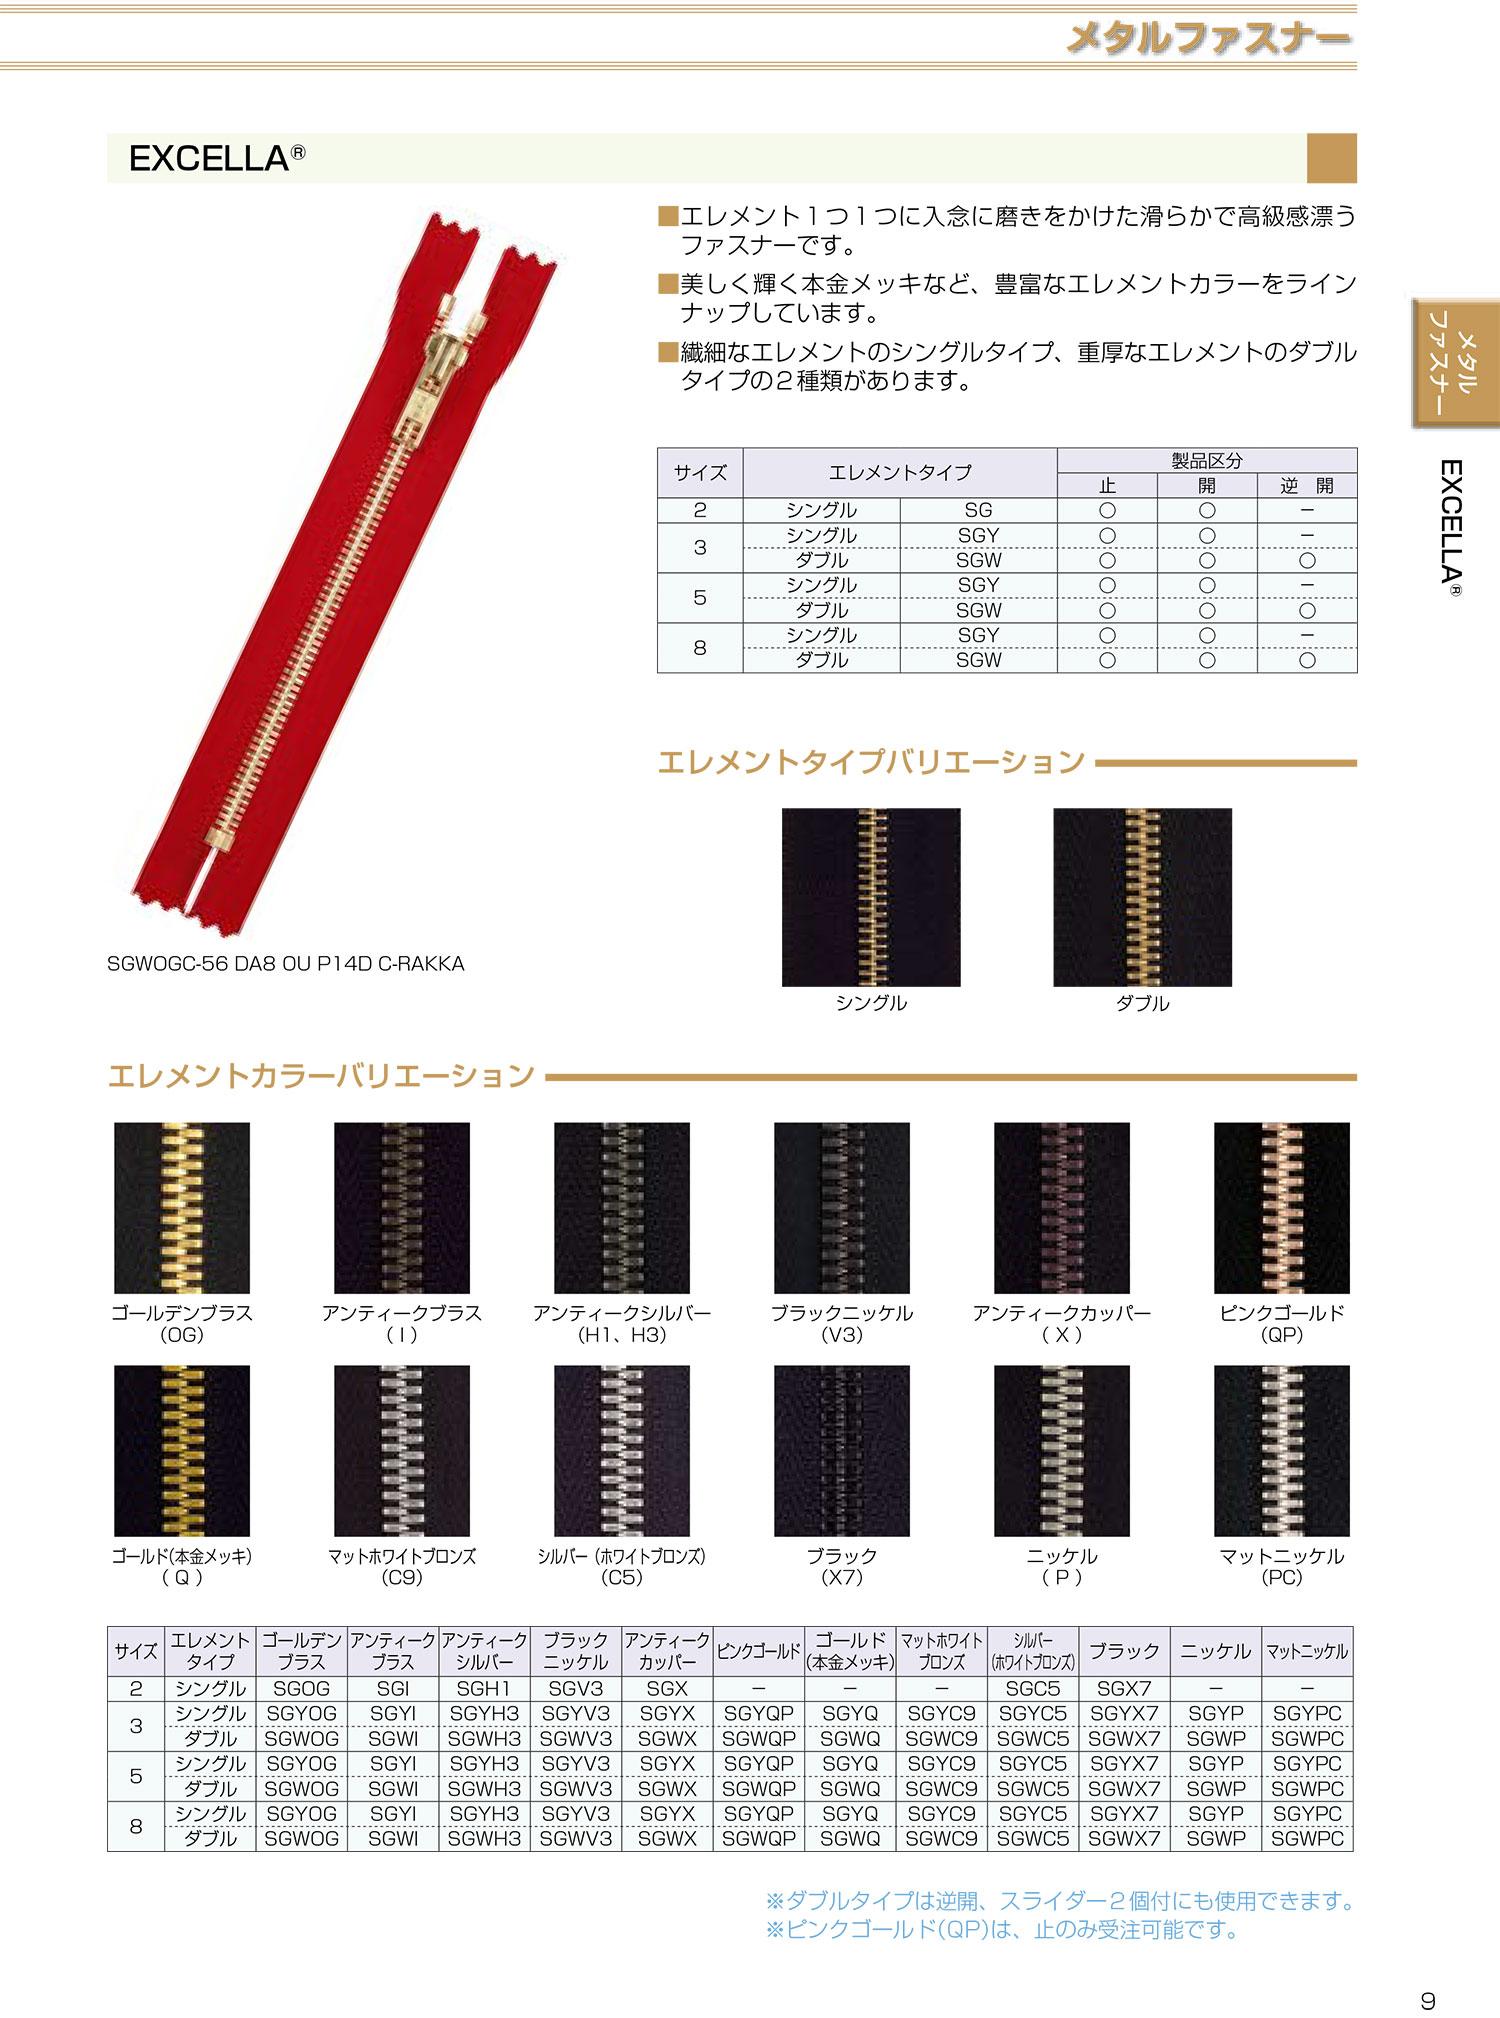 3SGWQPC エクセラ 3サイズ ピンクゴールド 止め ダブル[ファスナー] YKK/オークラ商事 - ApparelX アパレル資材卸通販